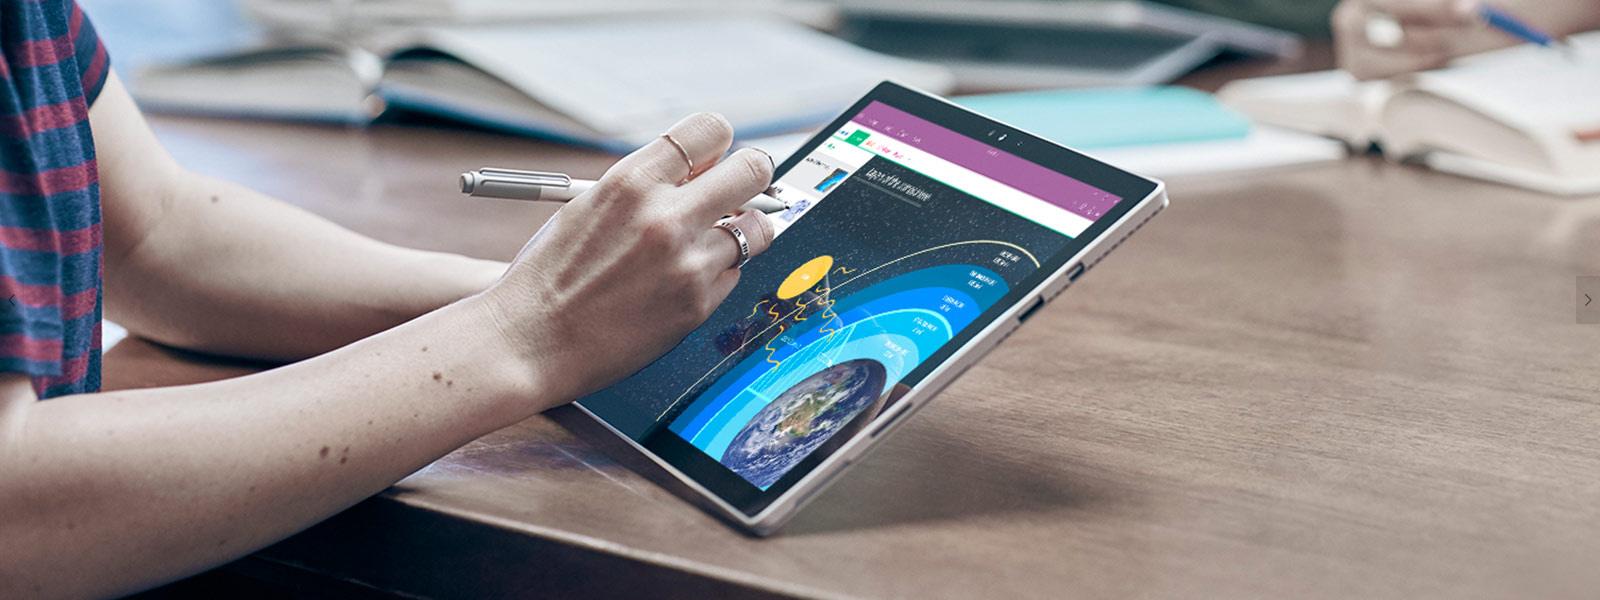 Pessoa a utilizar a Caneta para Surface num Surface Laptop em Modo de Tablet.